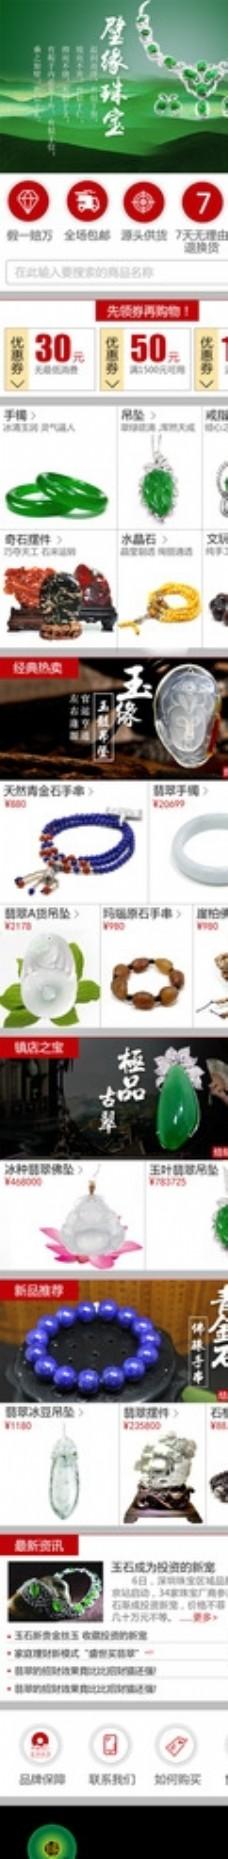 珠宝玉器微信商城购物主页